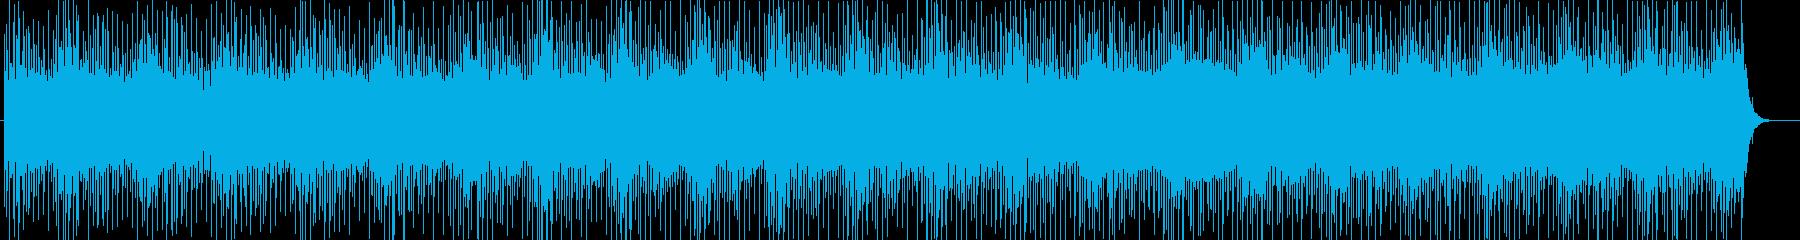 【ニュース系6】シンセ、無機質、坦々aの再生済みの波形